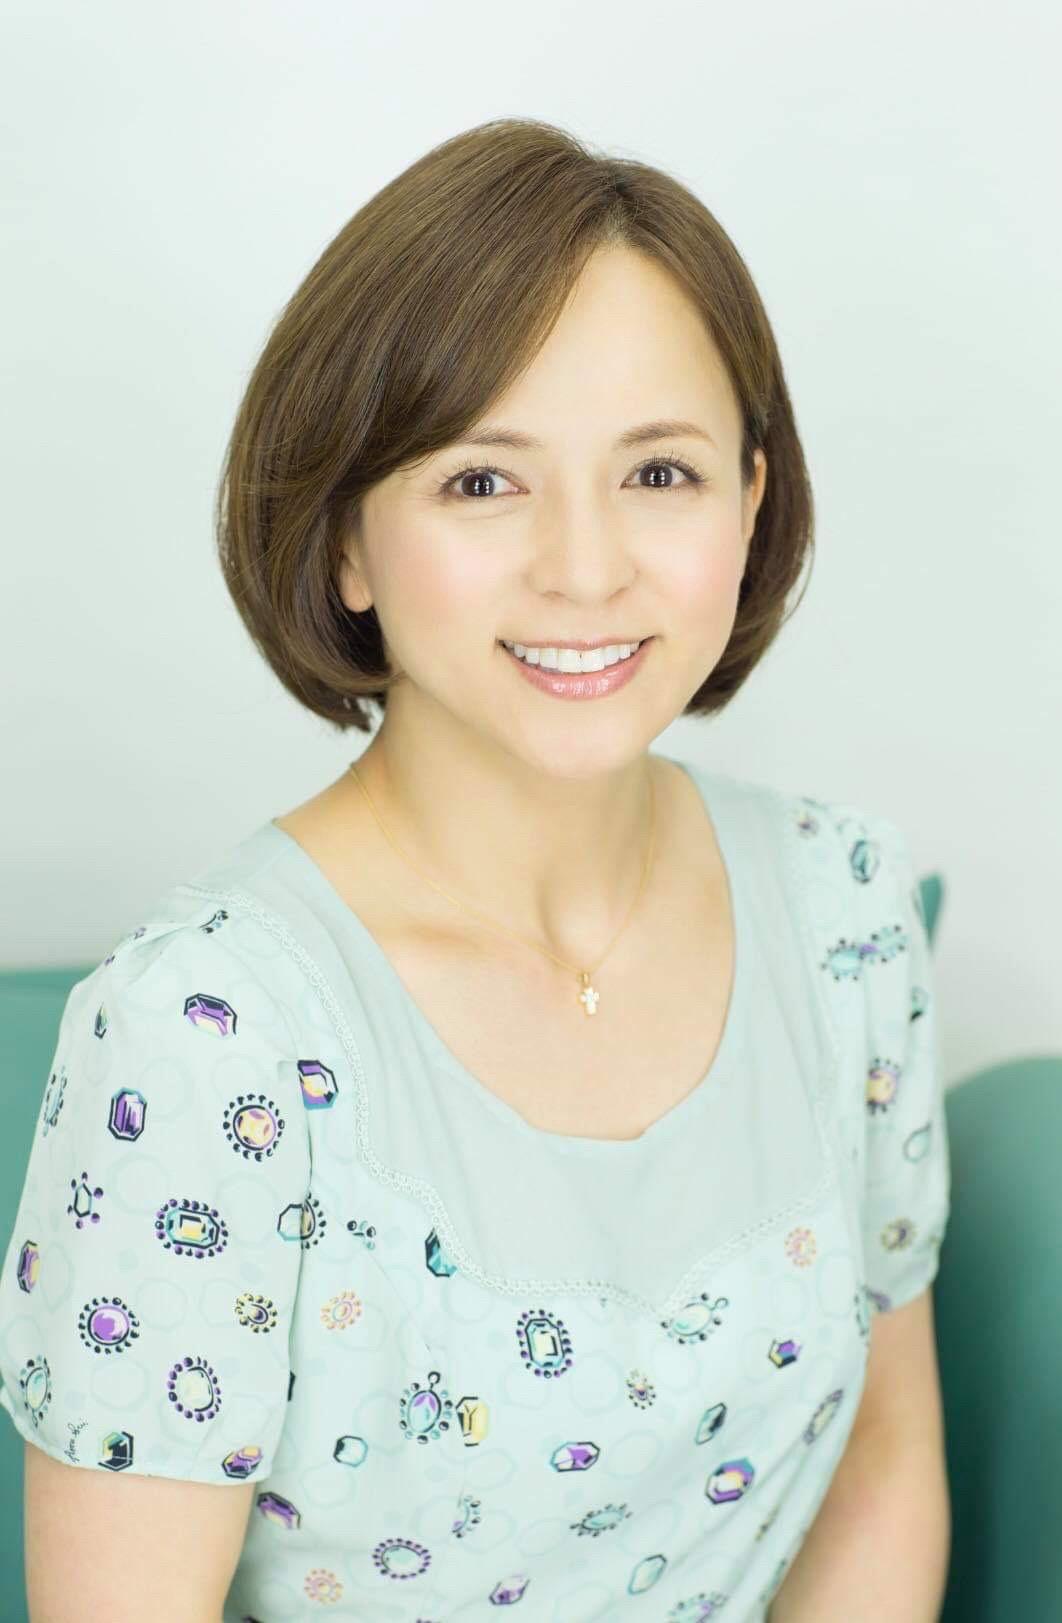 トップセミナー2019 講師:いとう まい子 氏